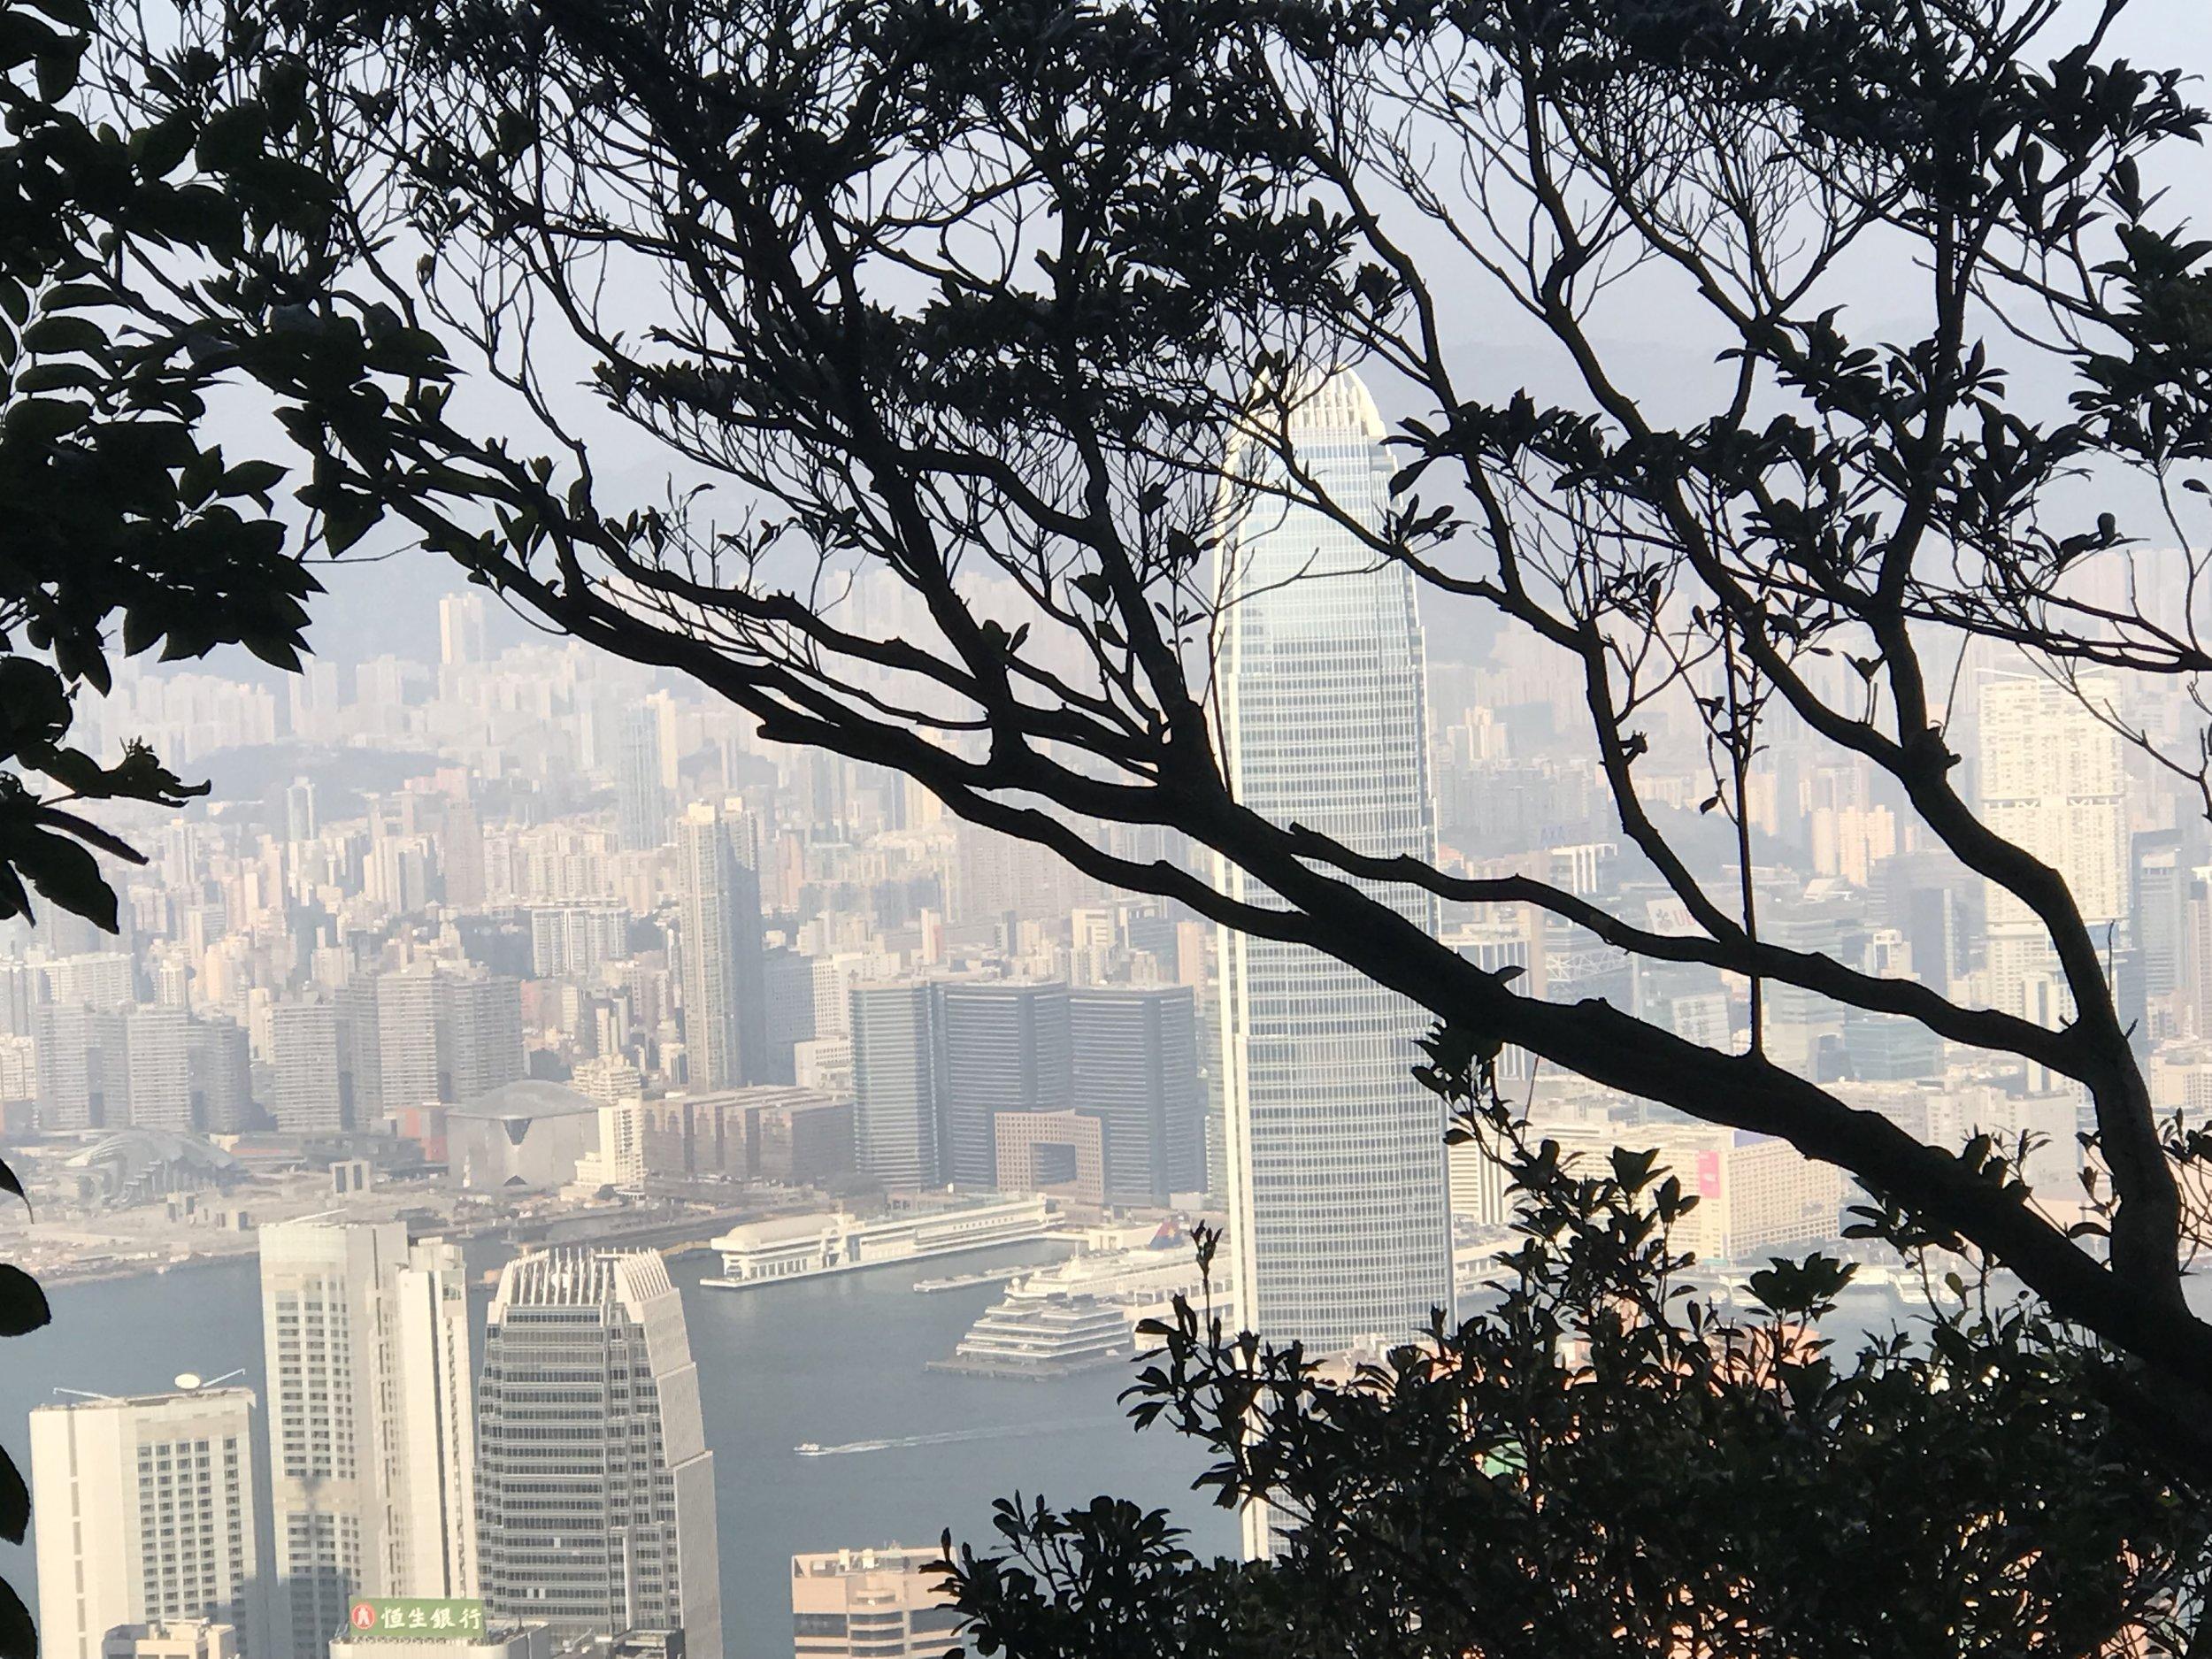 Từ trên đỉnh Victoria, Kowloon người ta có thể nhìn thấy Hong Kong bị bao bọc bởi đám khói sương ô nhiễm bay sang từ Trung Quốc.